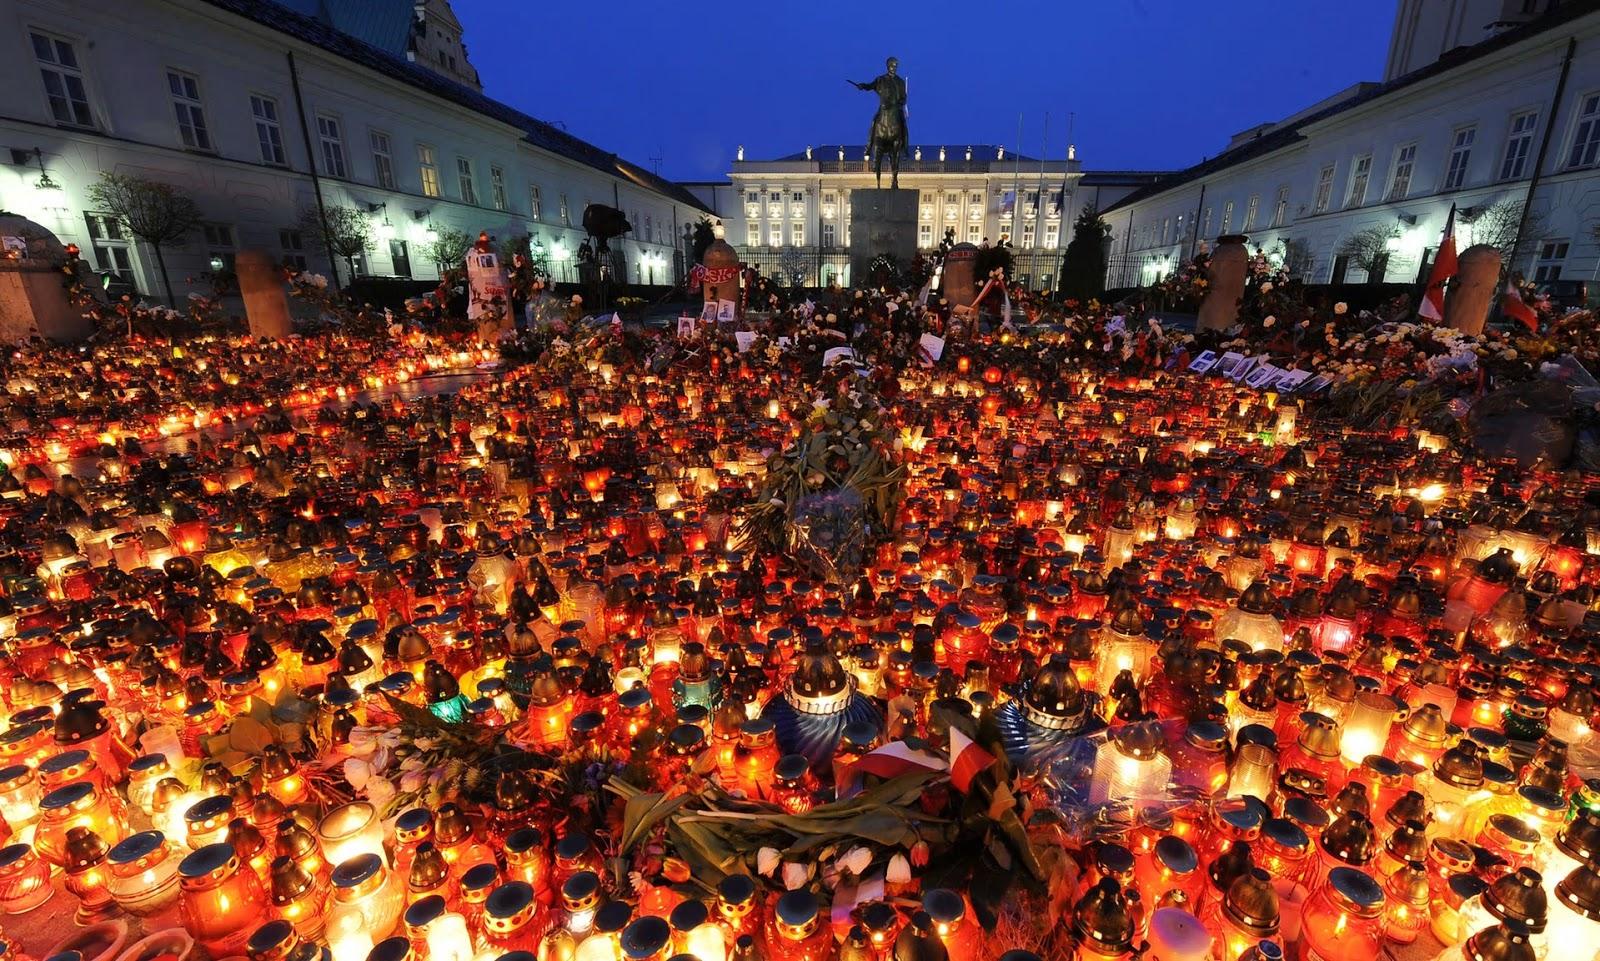 Candles lit in tribute to Lech Kaczyński in 2010